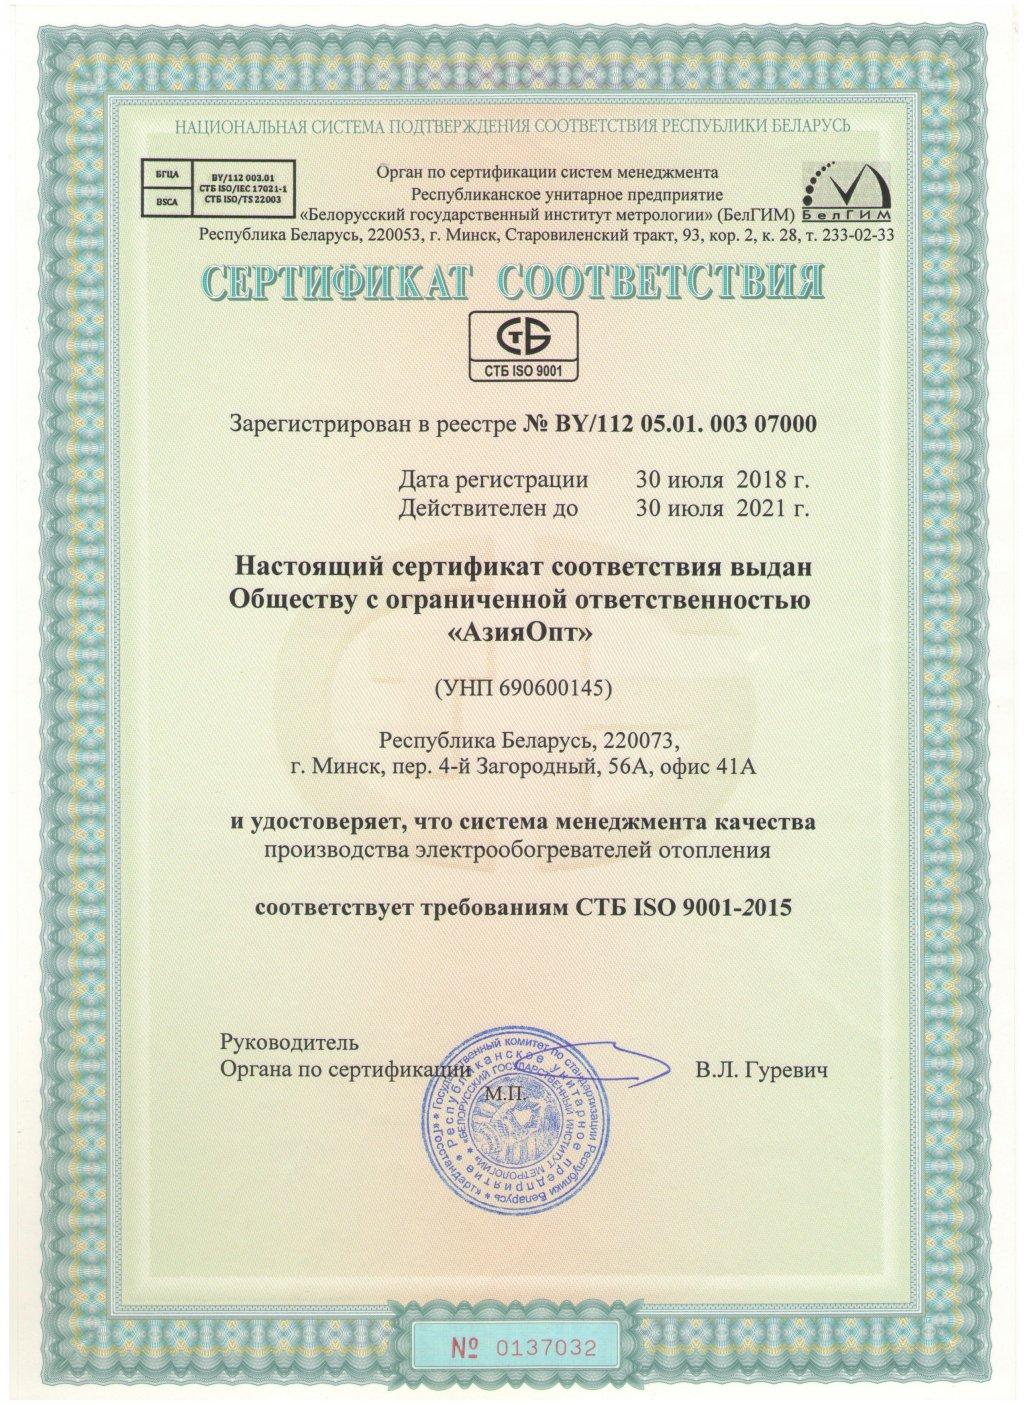 Обогреватель кварцевый ТеплопитБел - Энергосберегающий ТеплопитБел! Цена 75 рублей! Гарантия 5 лет!